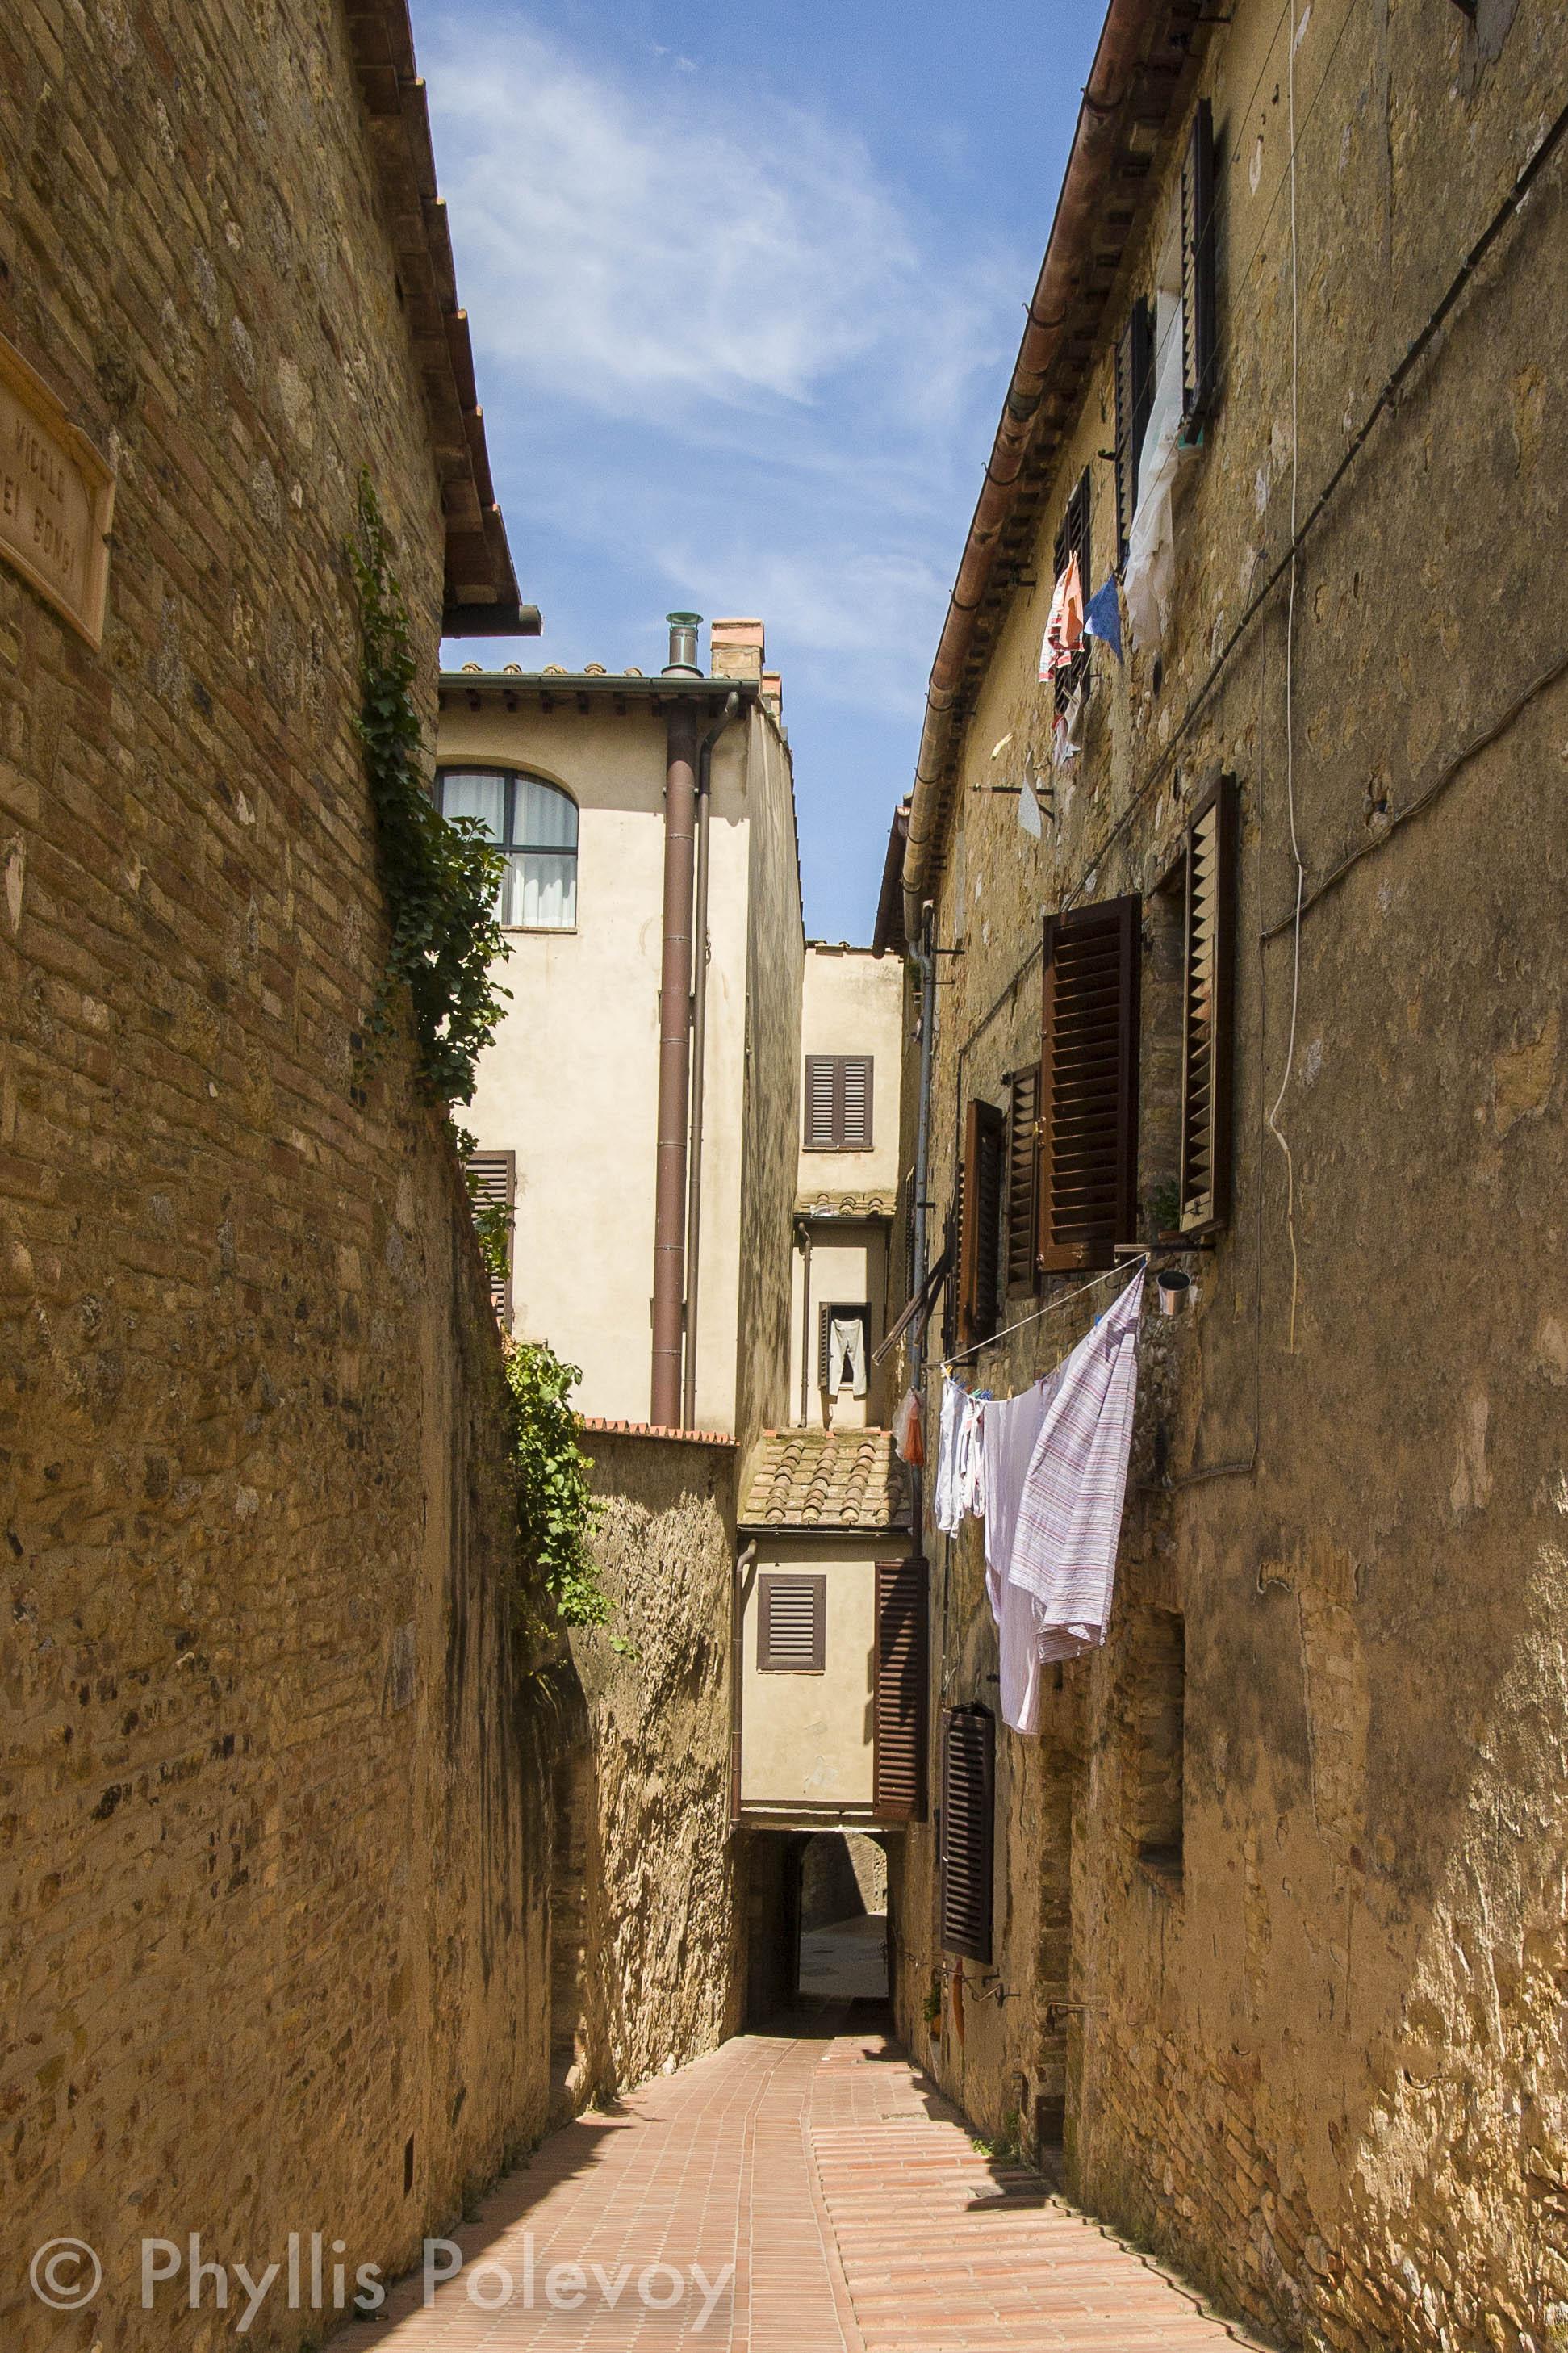 La Bella Toscana, #024